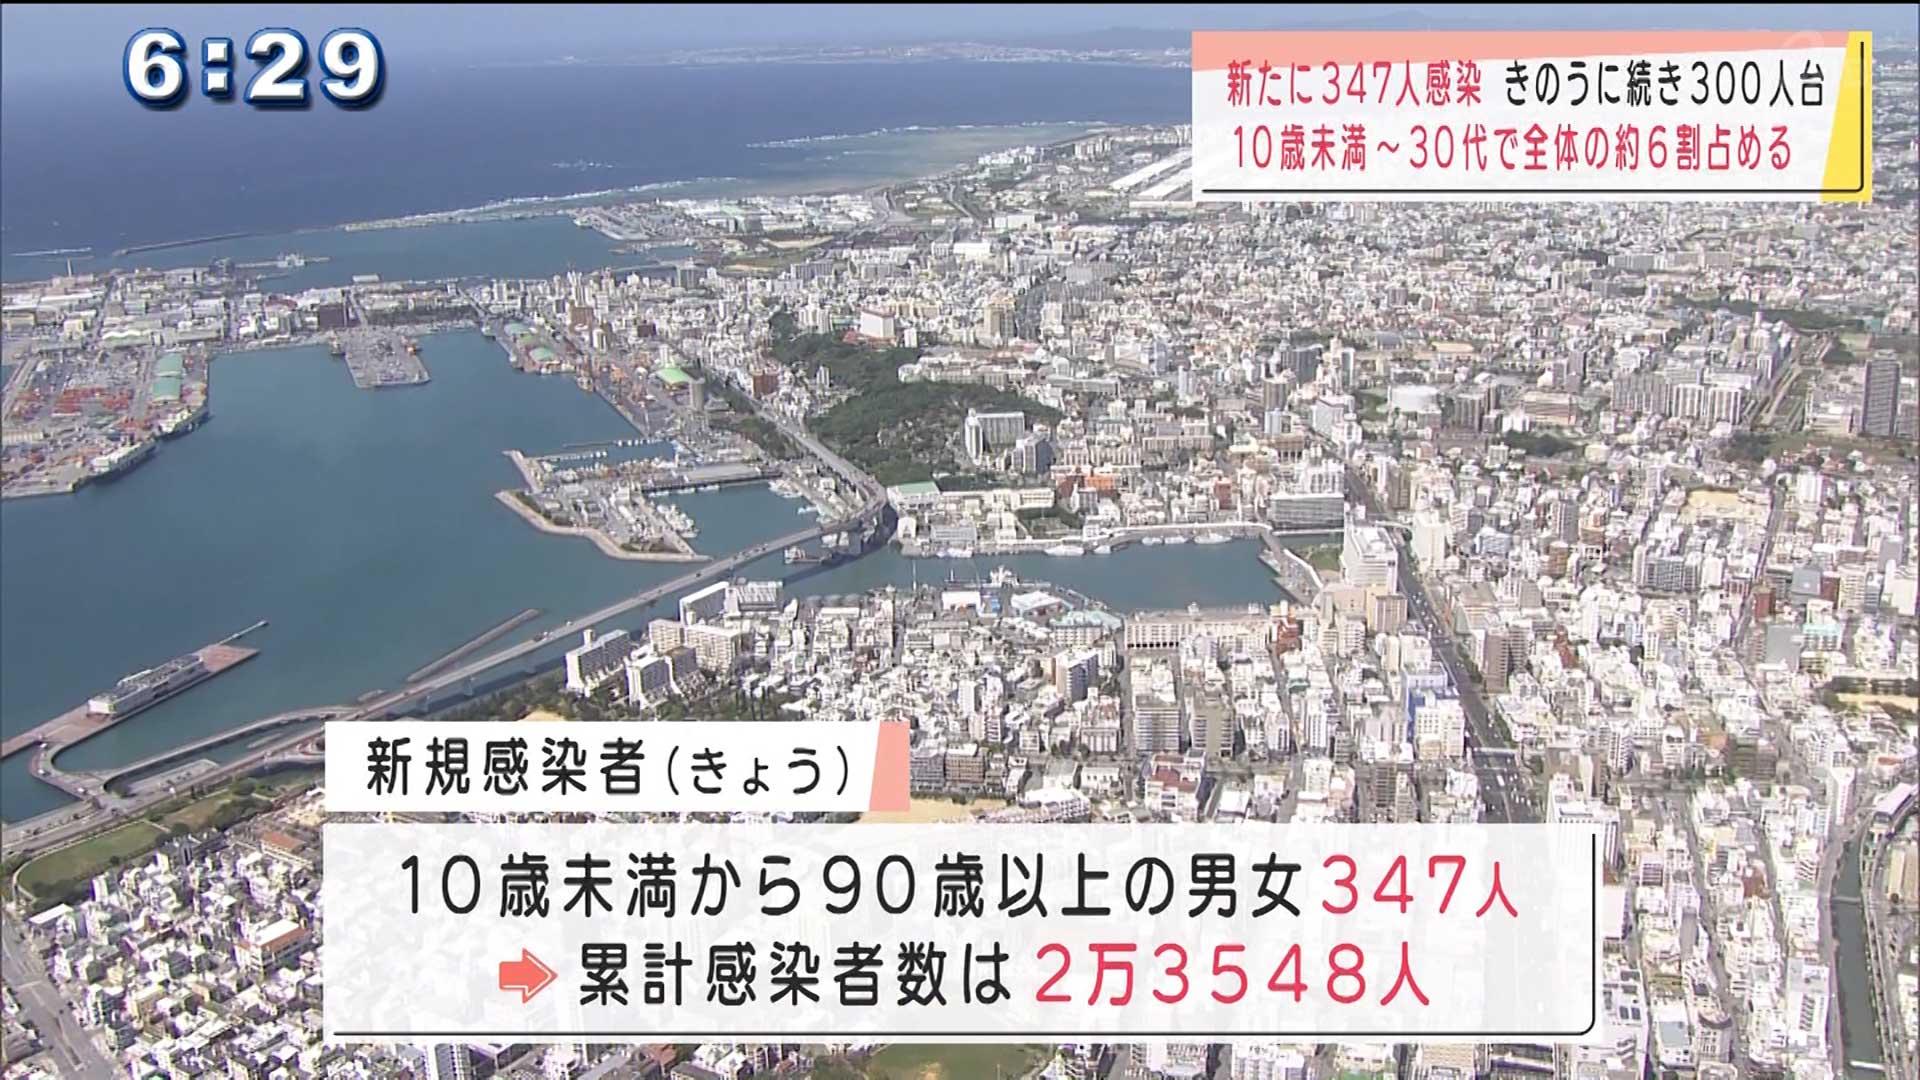 沖縄県で2日続けて新型コロナ300人台の感染